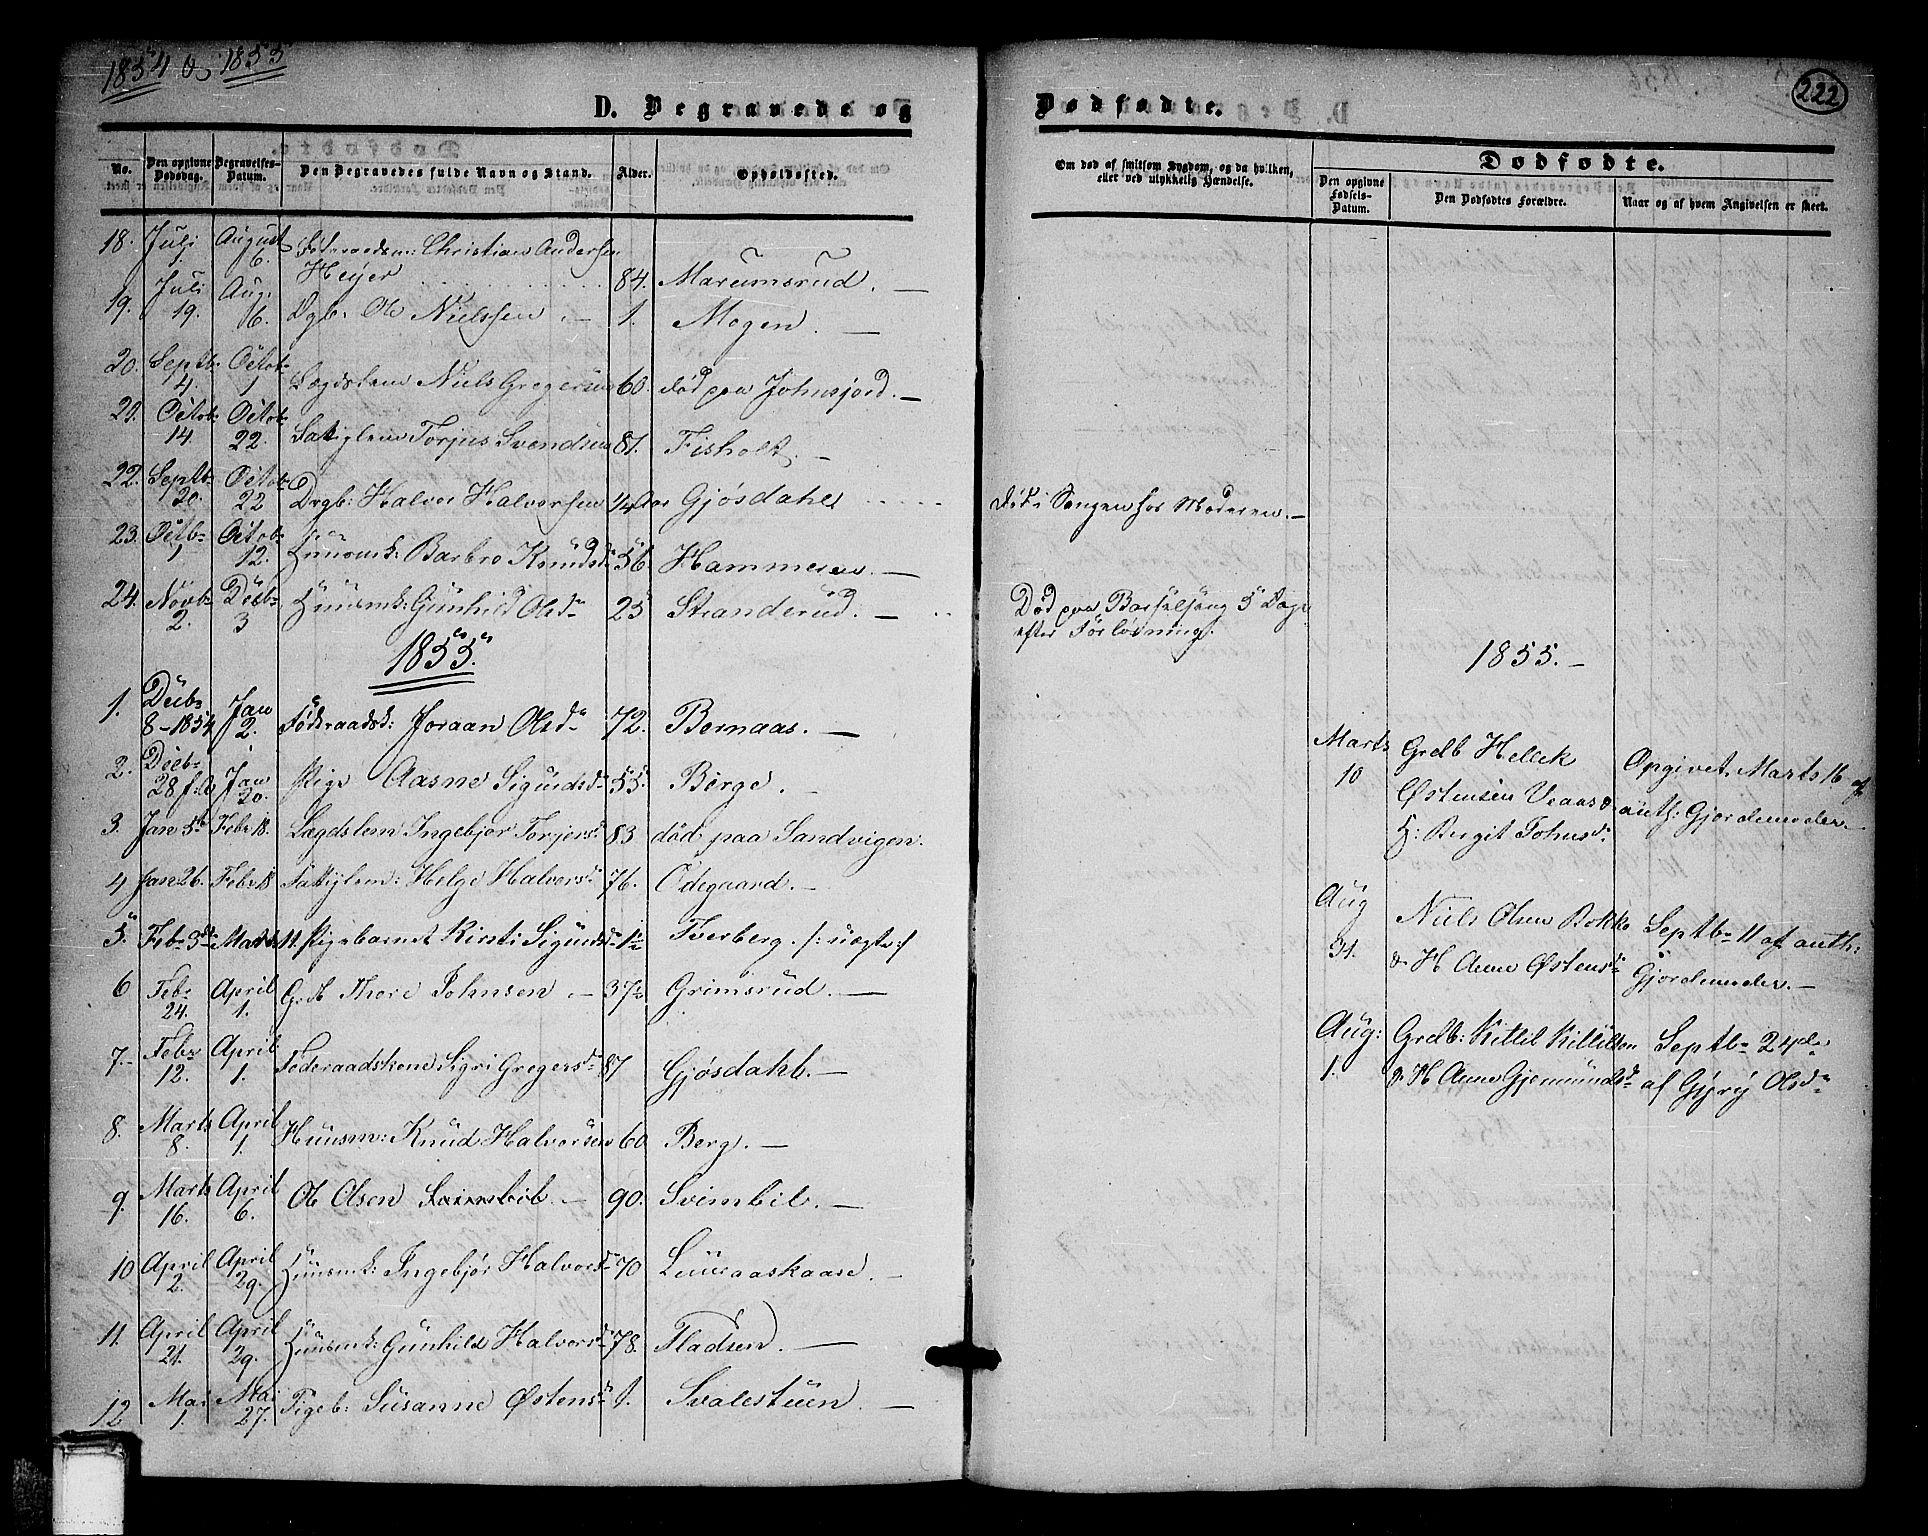 SAKO, Tinn kirkebøker, G/Ga/L0002: Klokkerbok nr. I 2, 1851-1883, s. 222